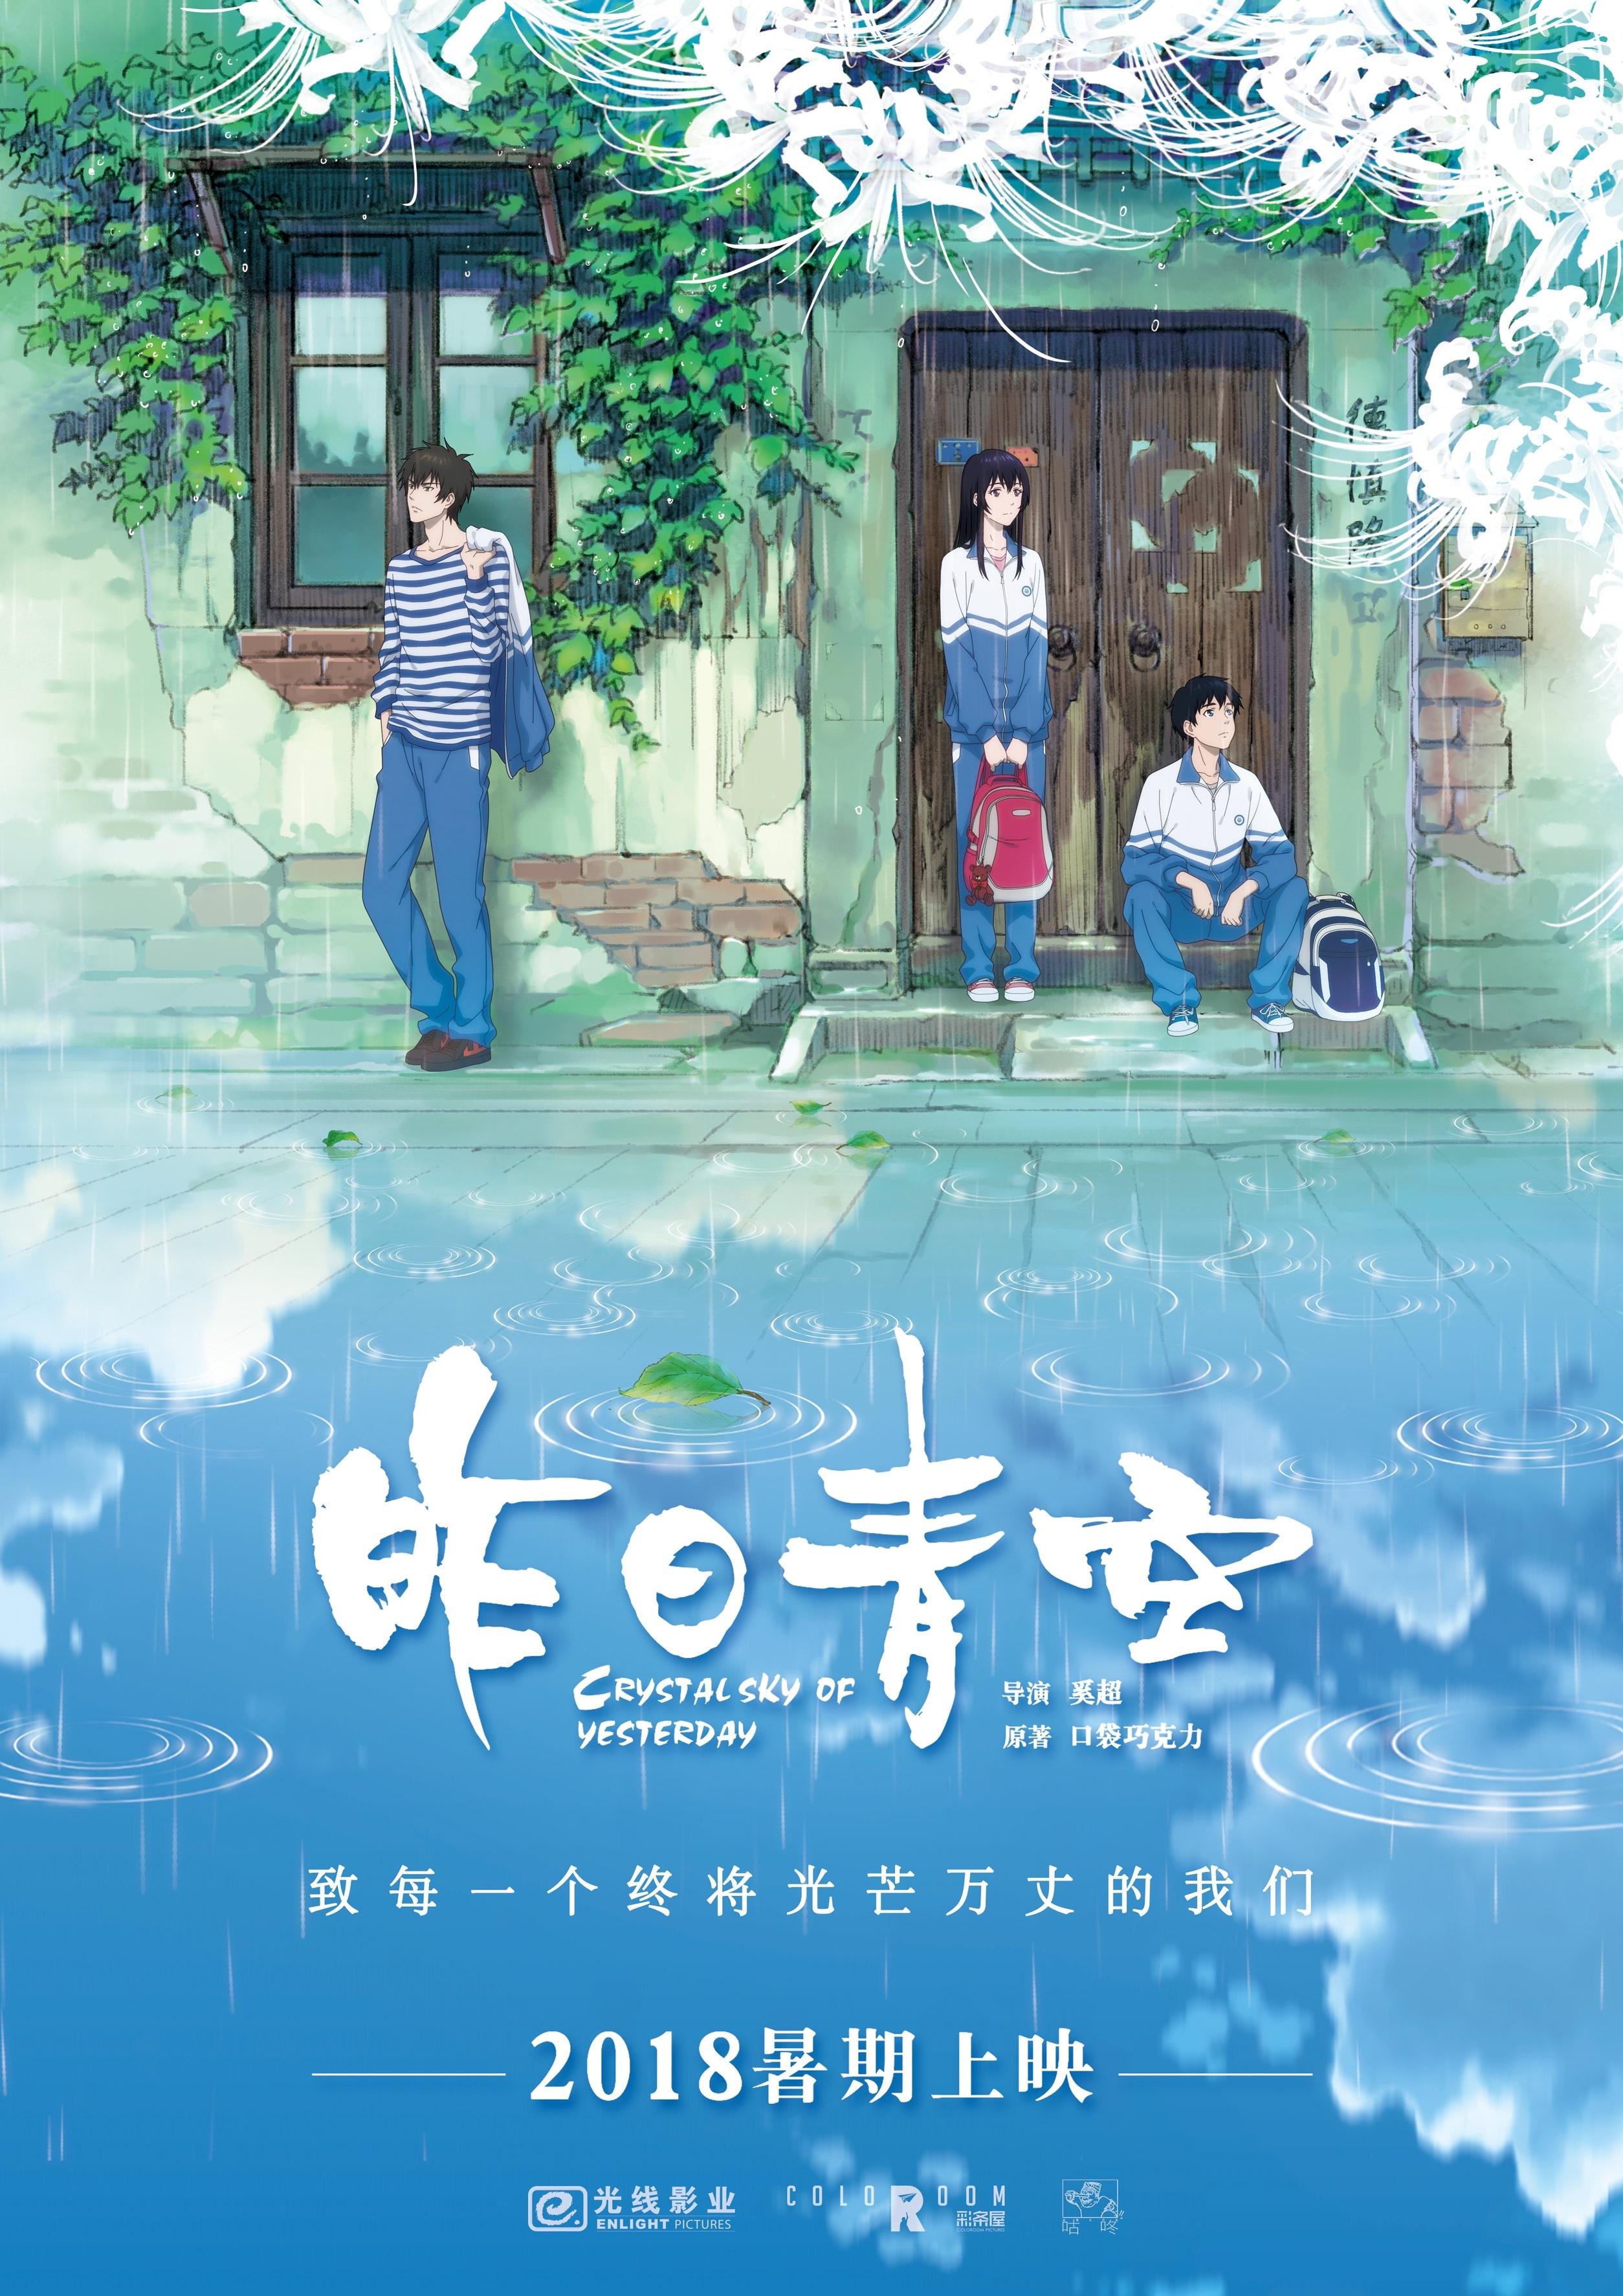 电影 昨日青空 首发预告 2018暑期接档 三大图片